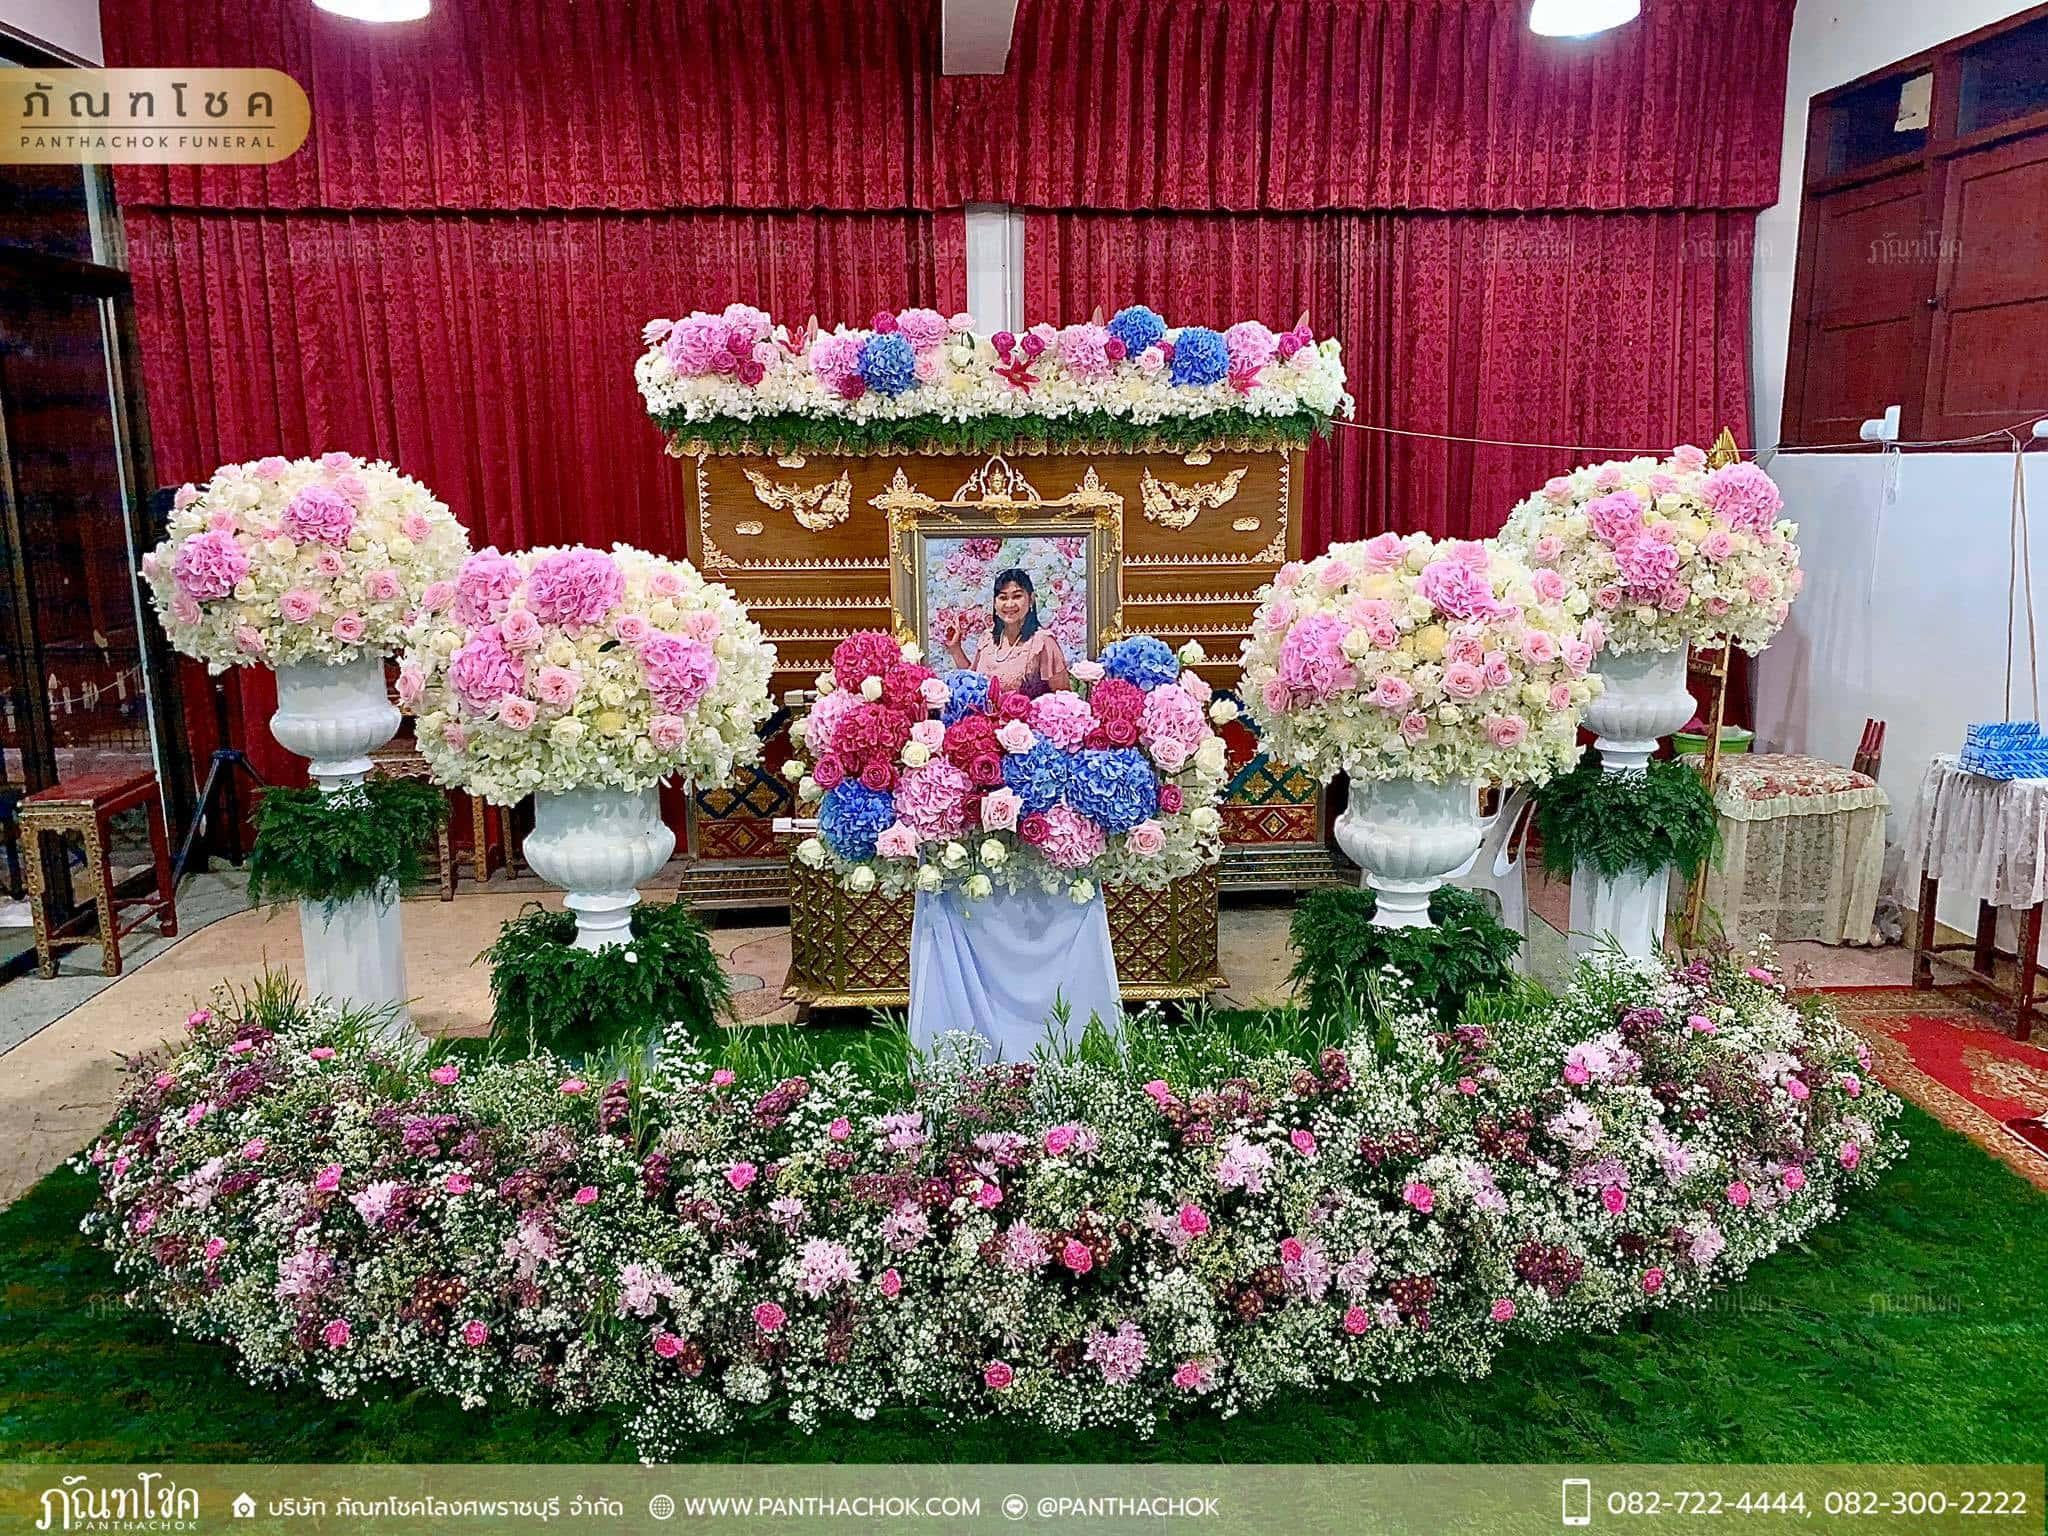 ดอกไม้งานศพปทุมธานี ดอกไม้หน้าศพ